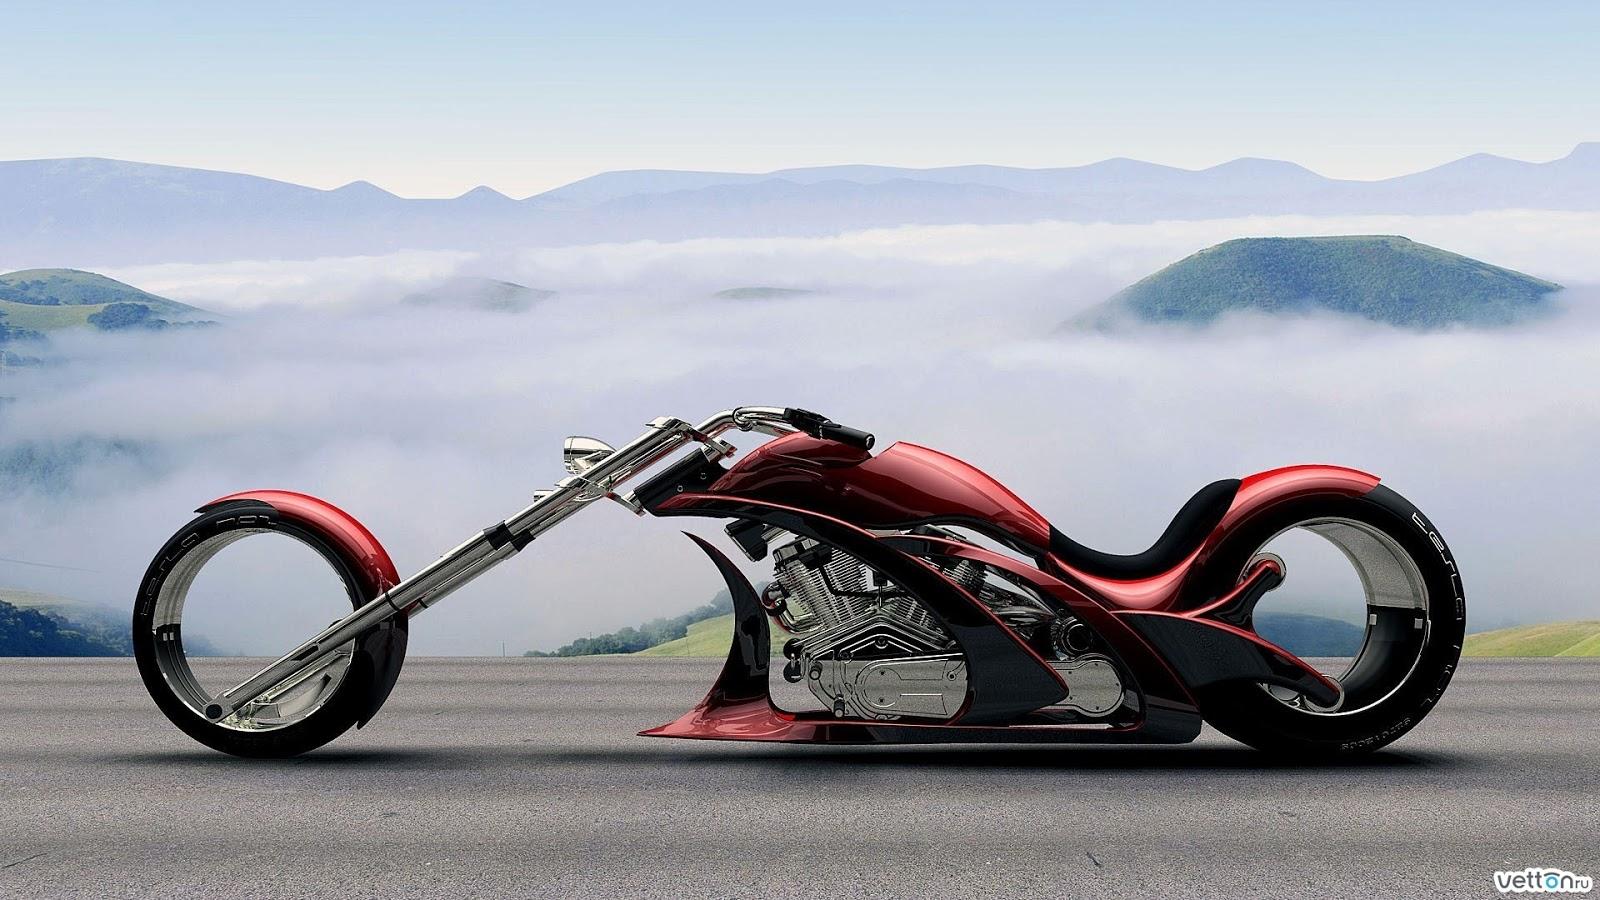 Hình nền xe mô tô khủng đẹp nhất